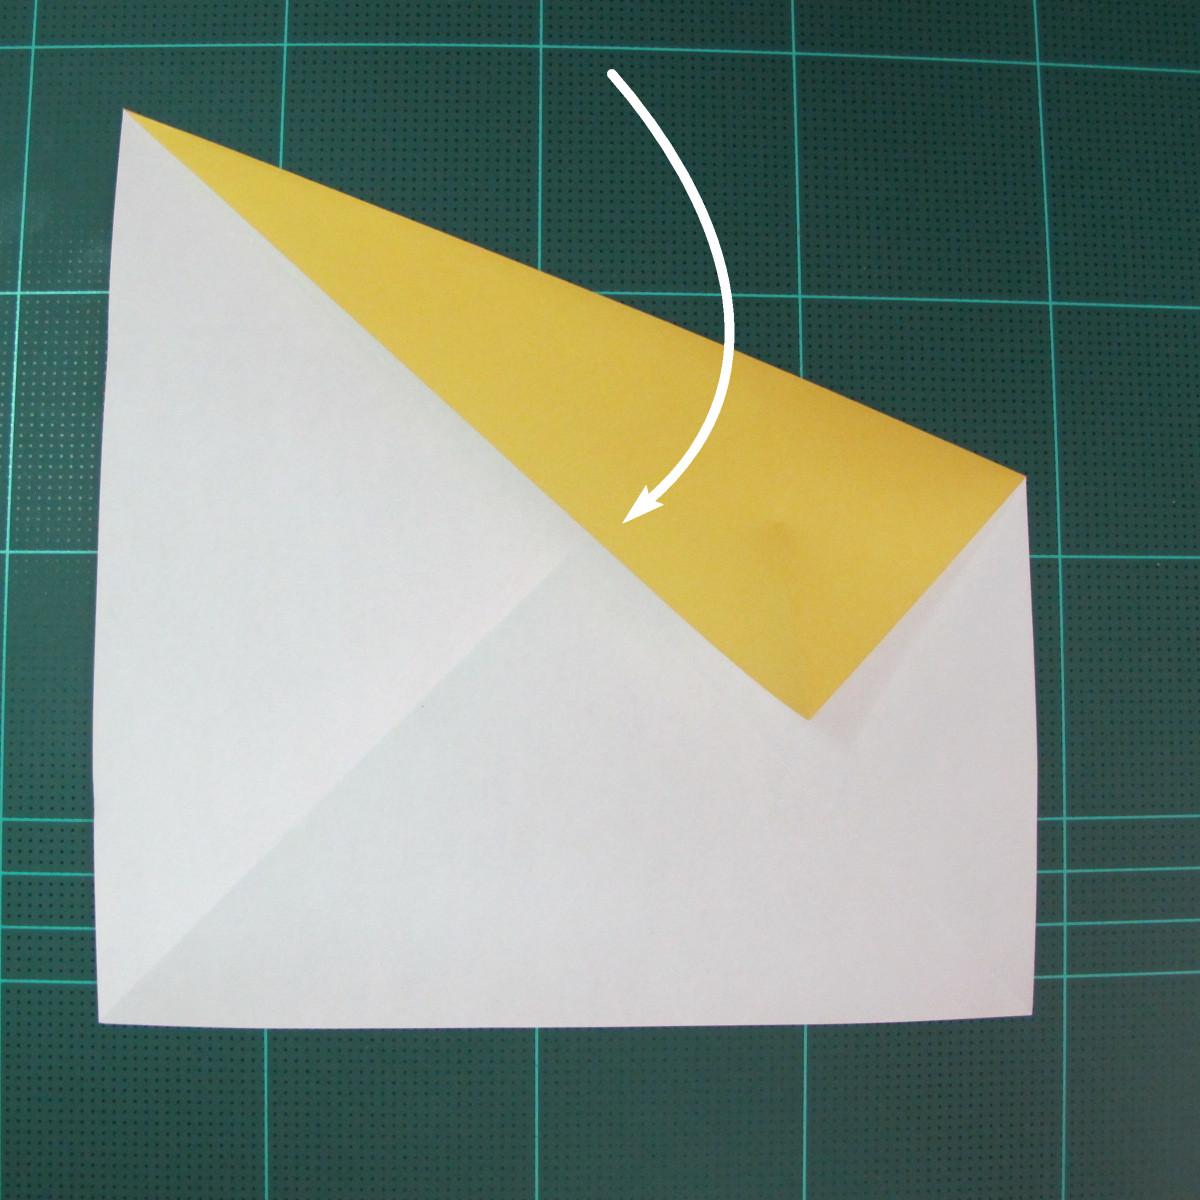 วิธีการพับกระดาษรูปม้าน้ำ (Origami Seahorse) 004